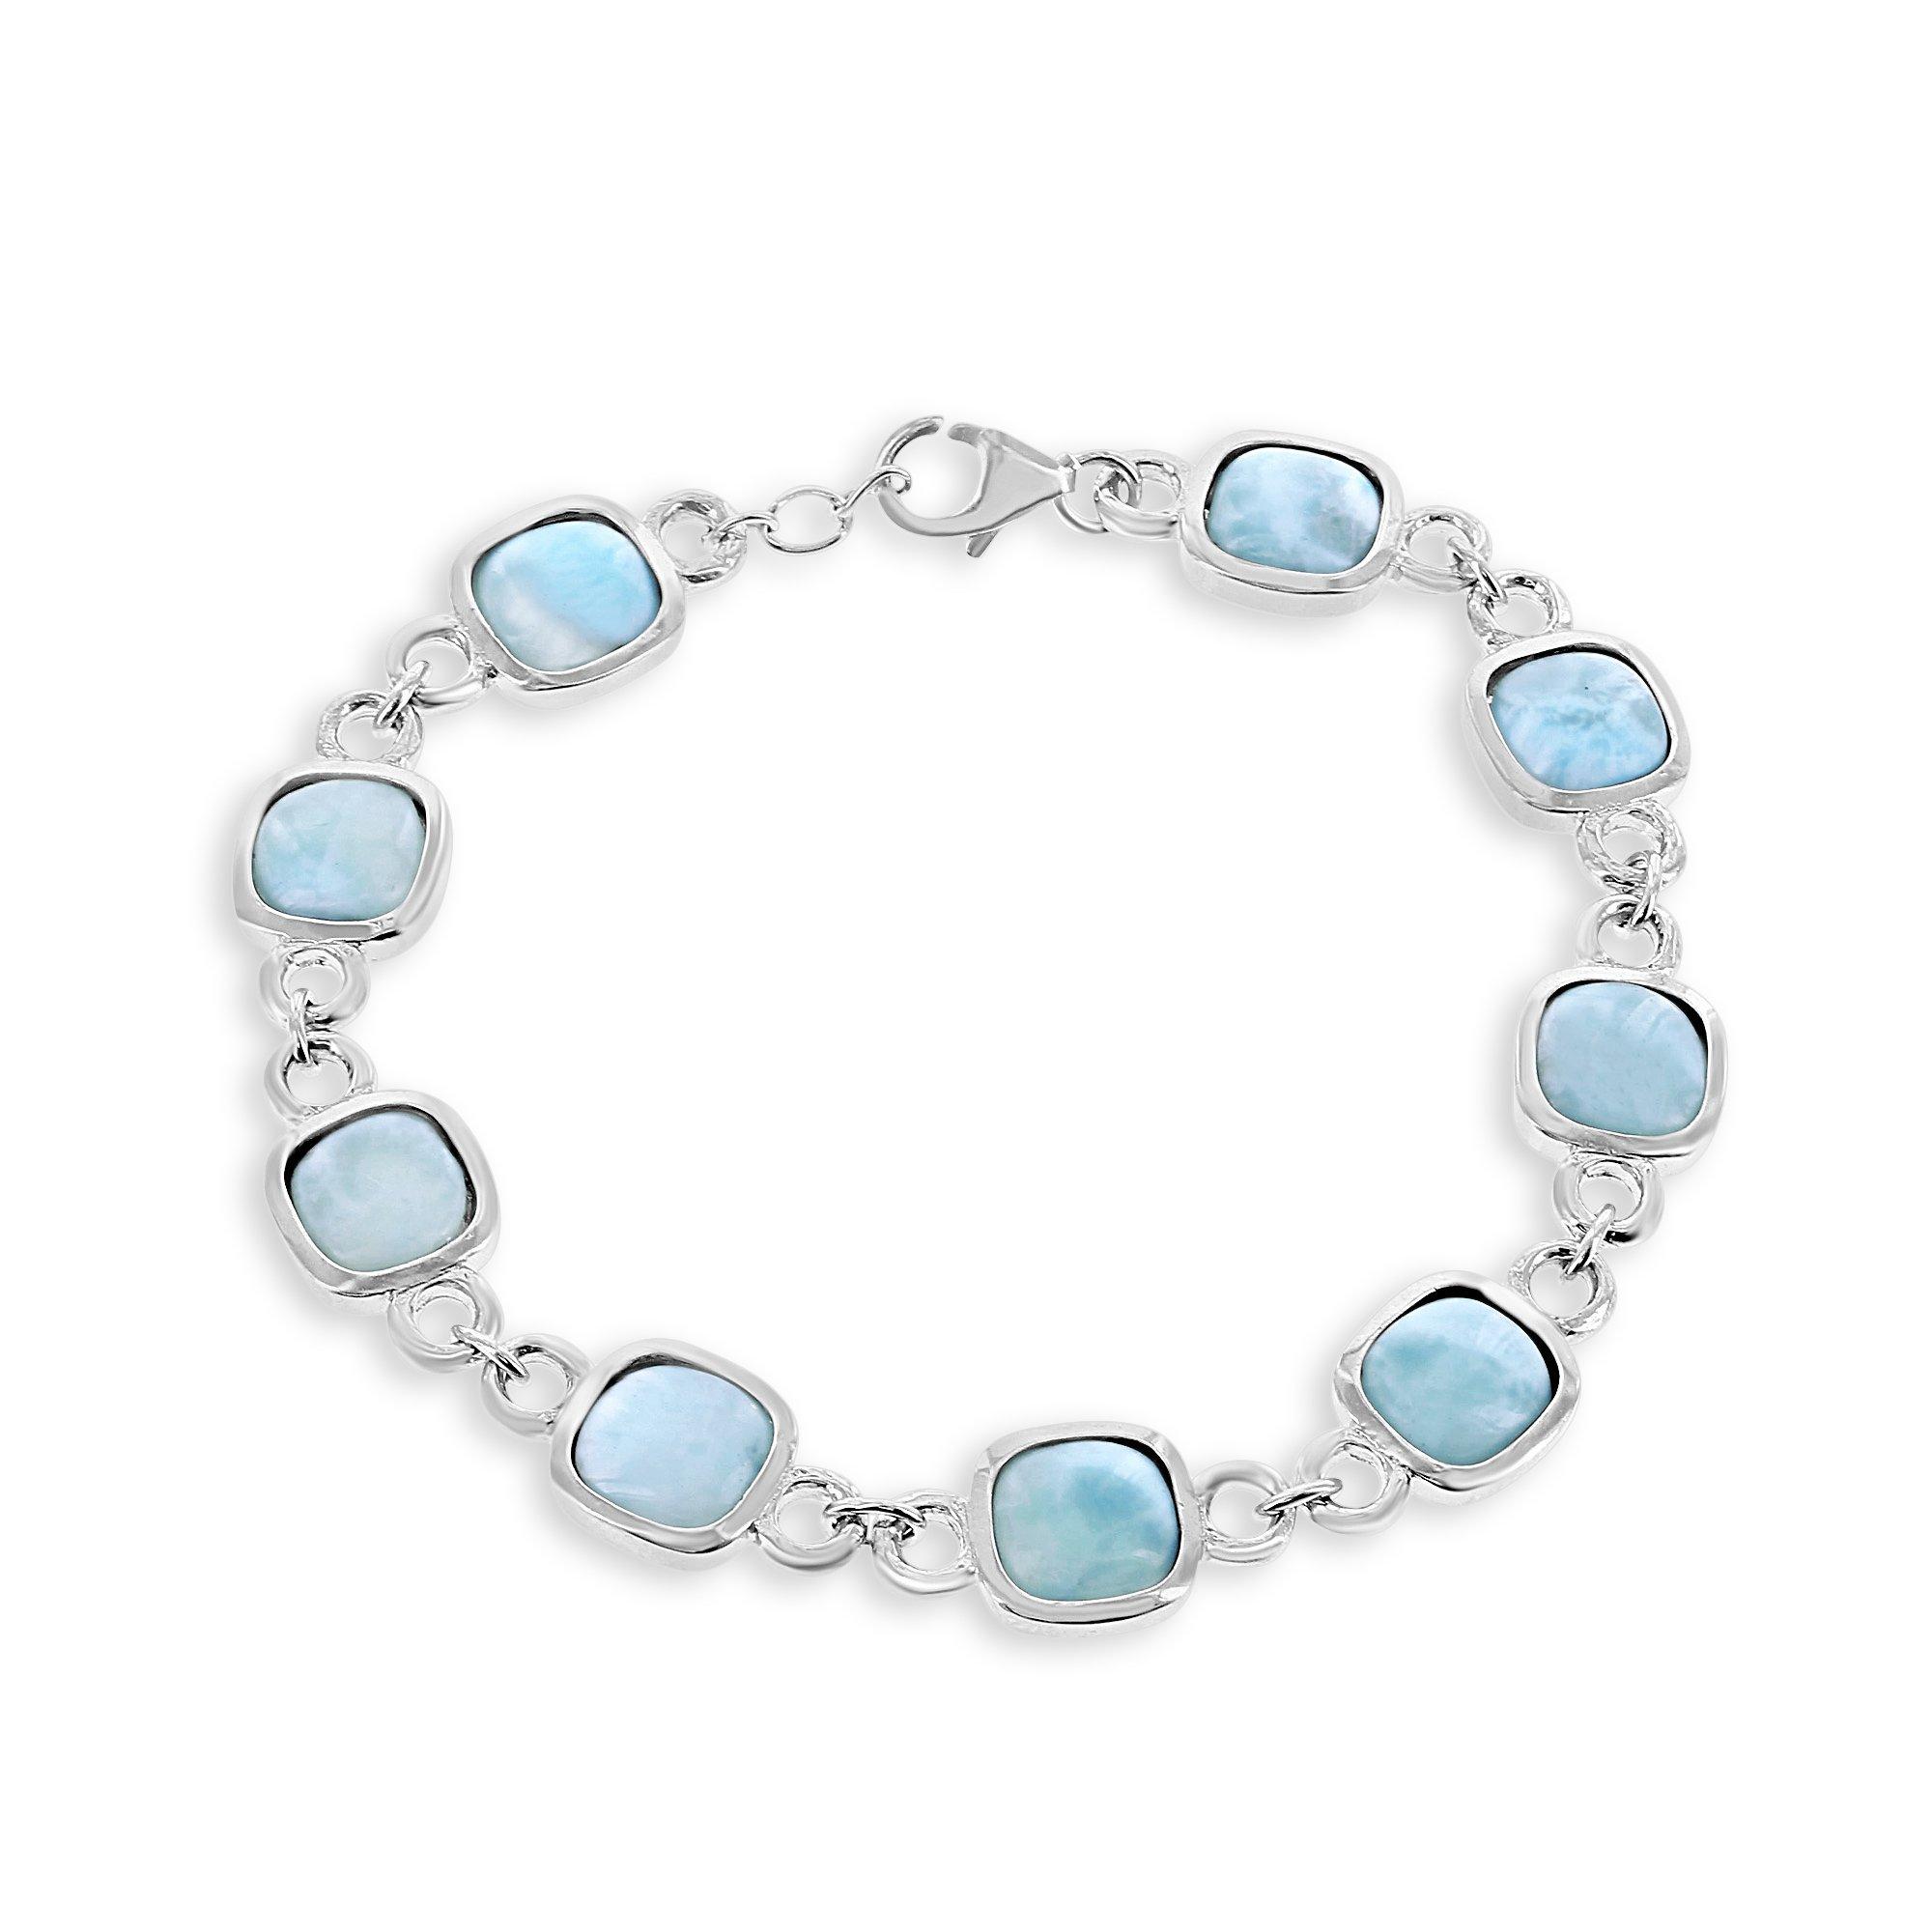 Sterling Silver 7.5'' Natural Larimar Square Stone Link Bracelet